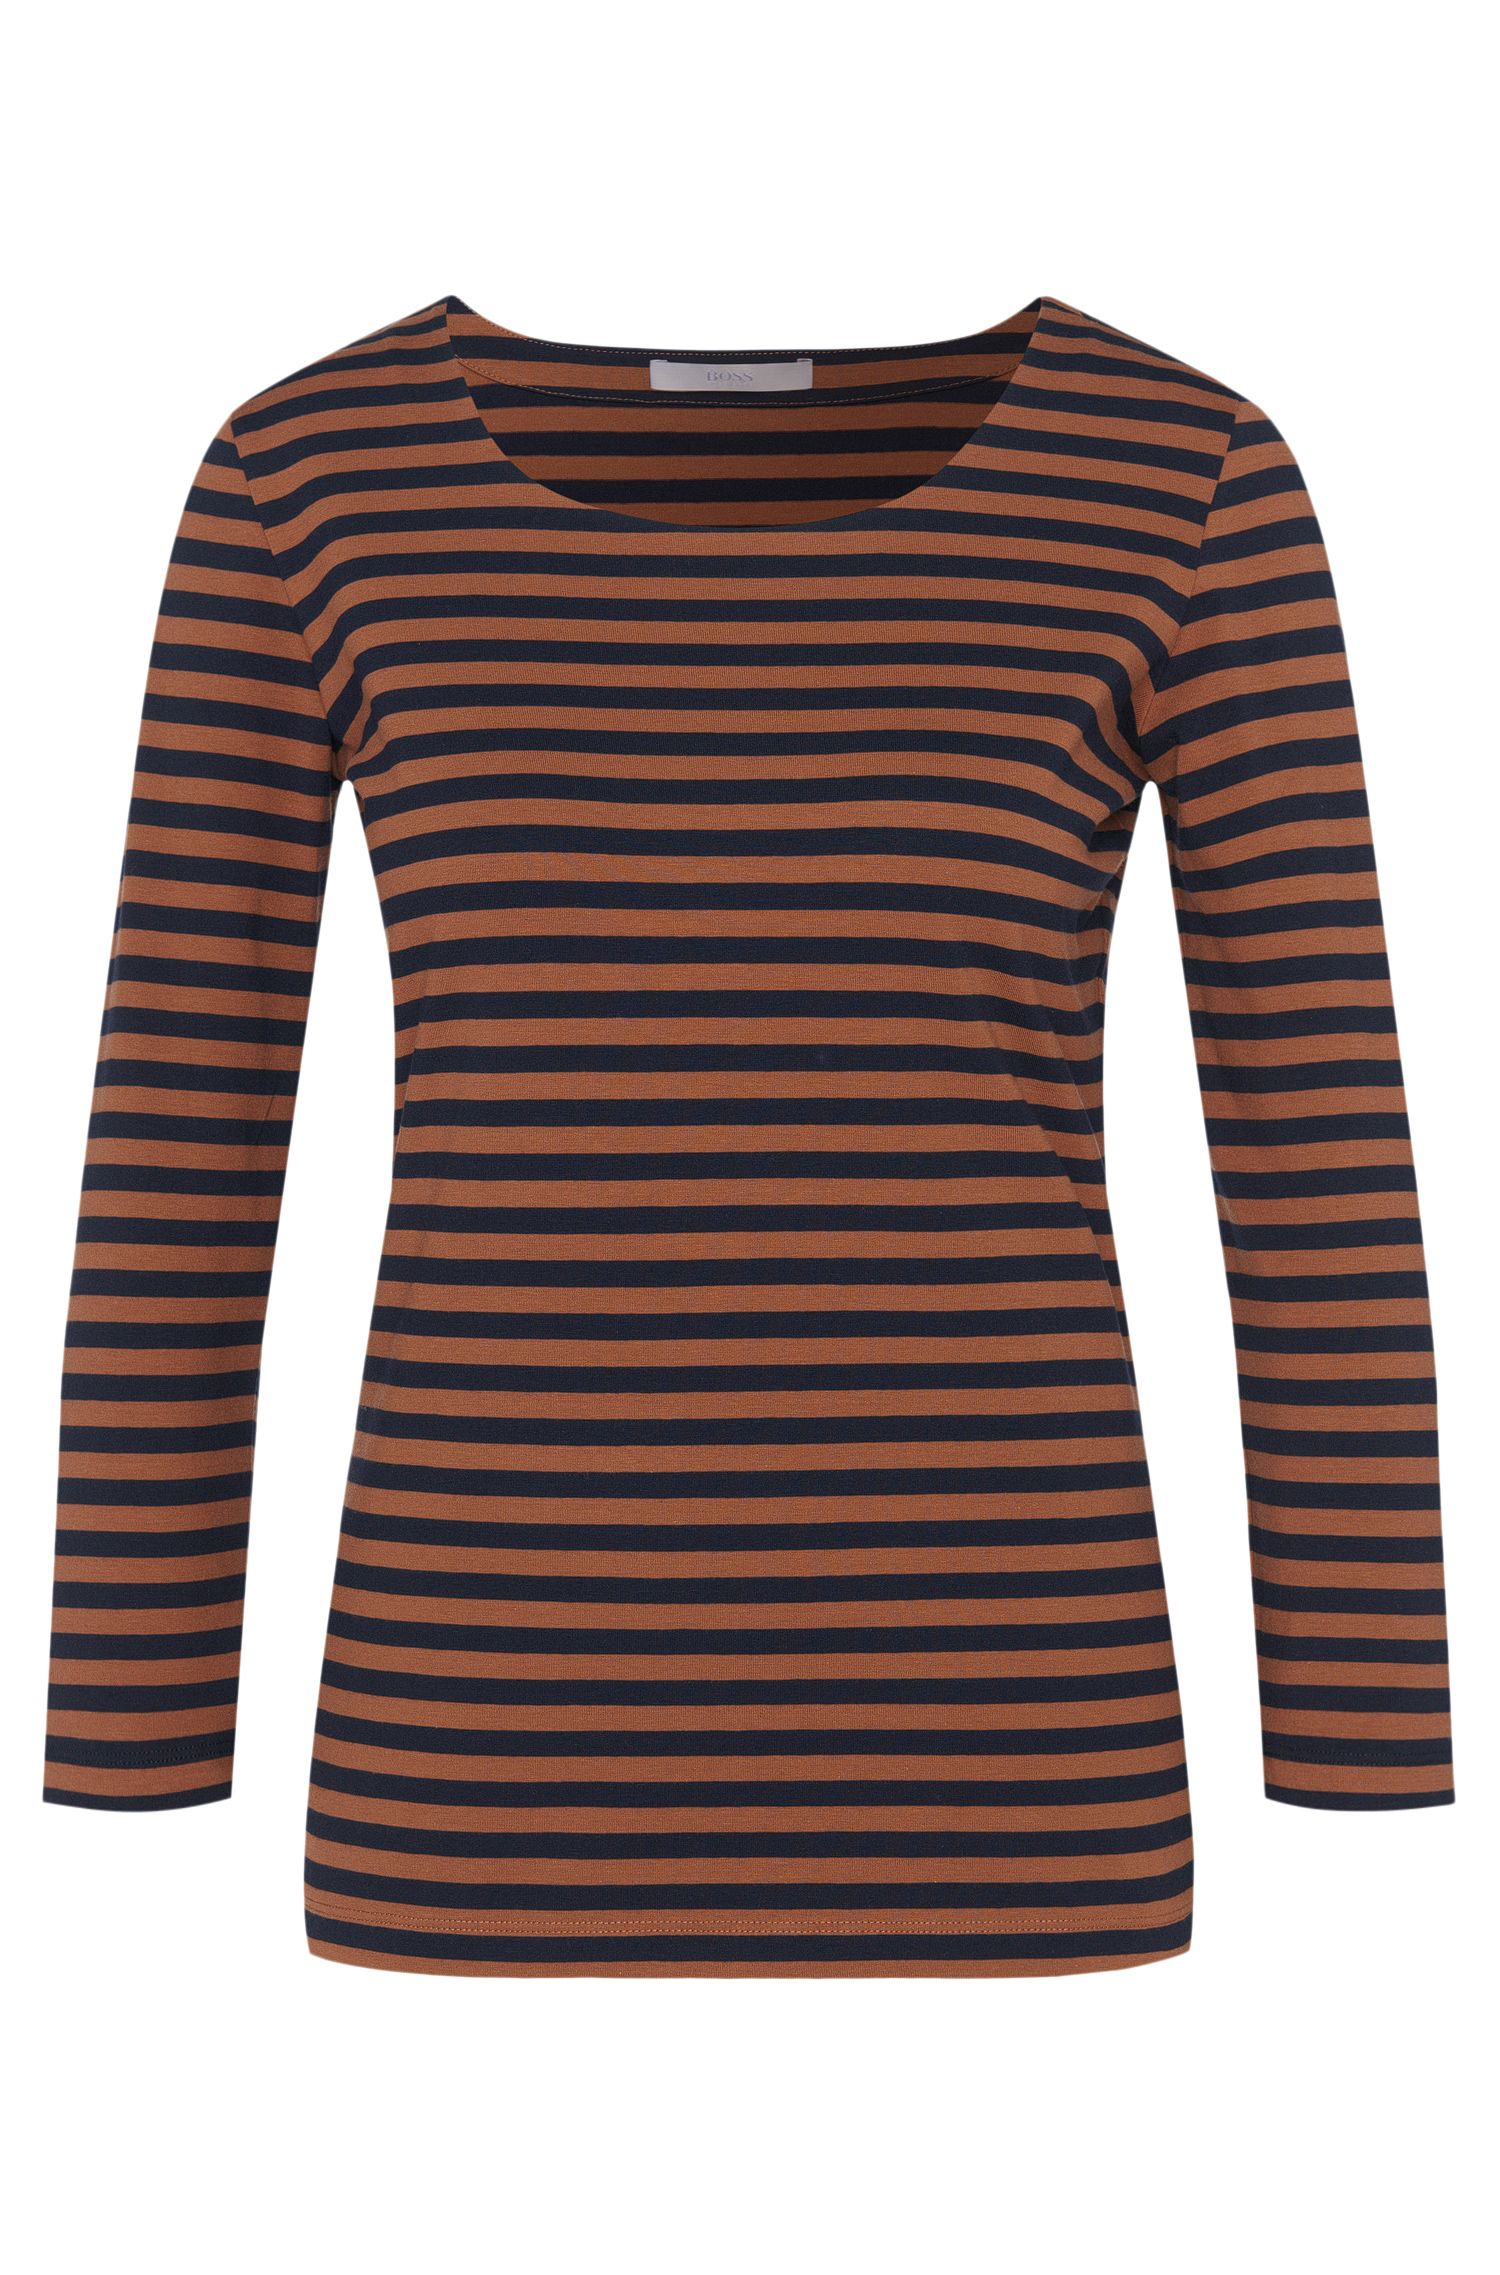 Gestreept shirt van stretchkatoen met 3/4-mouwen: 'Emmisa'